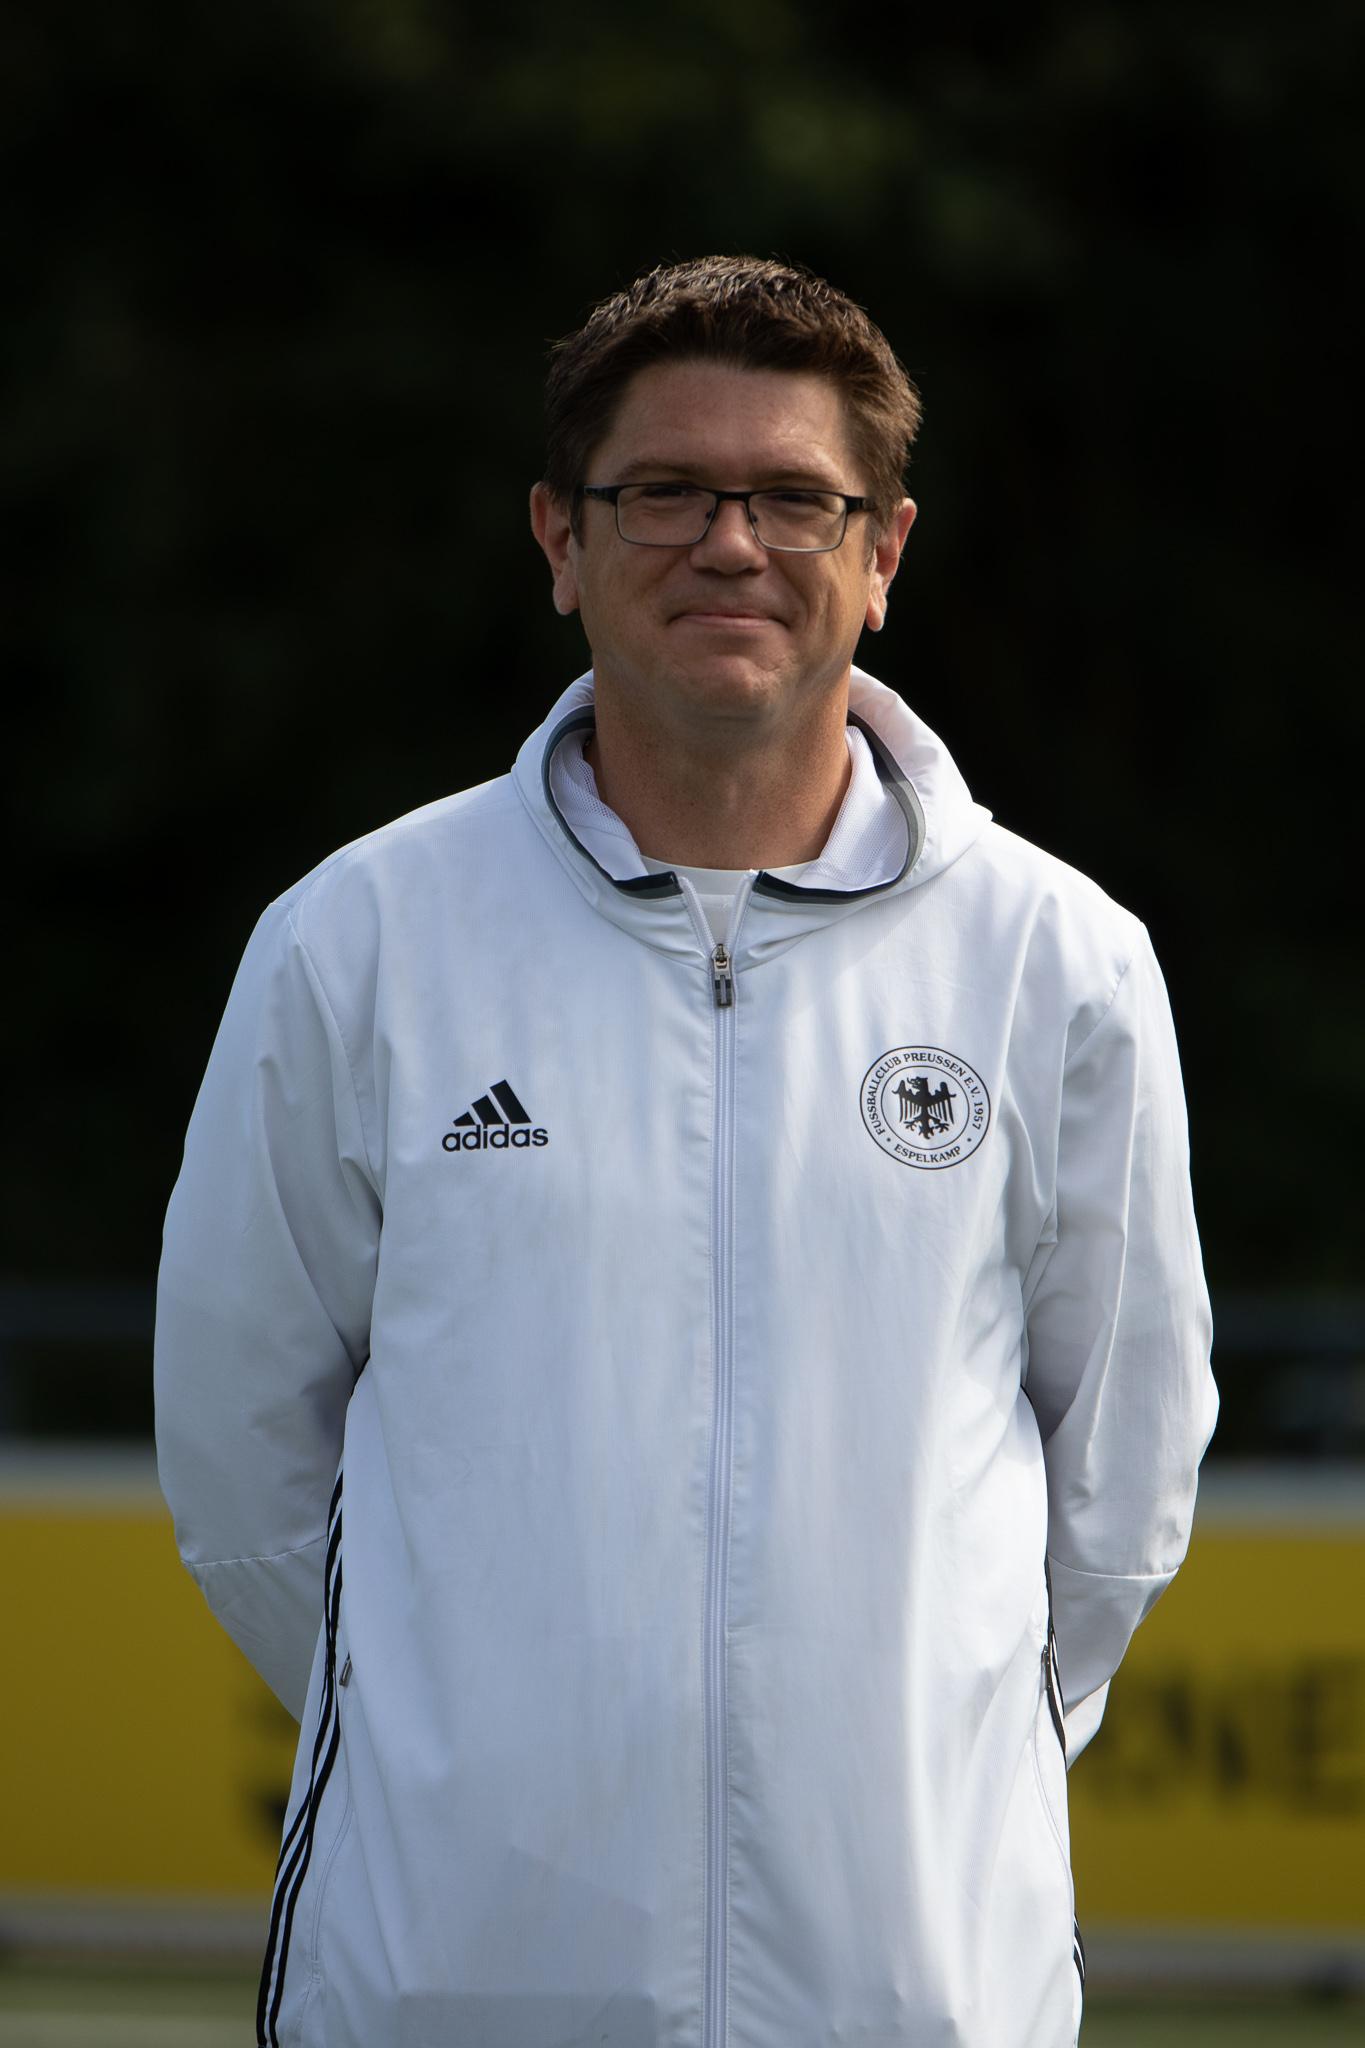 Stefan Nabering